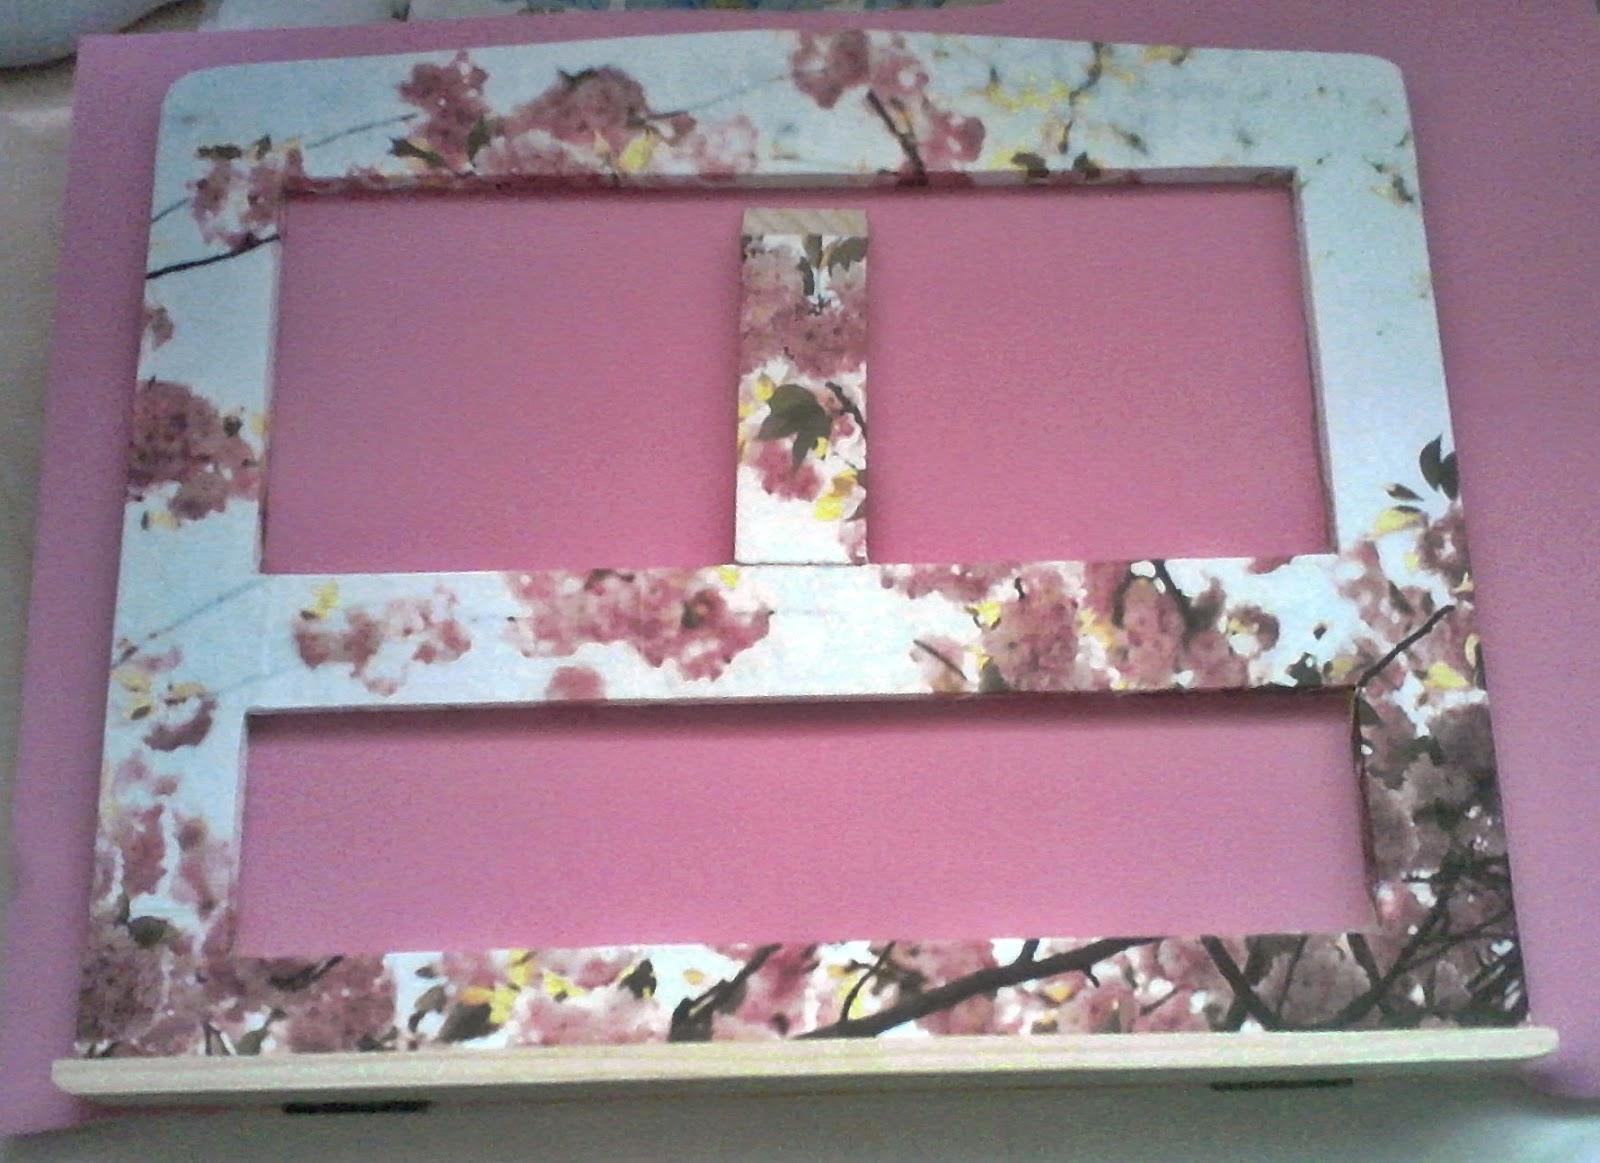 Atril de lectura pink cherry blossom - Atril decoracion ...